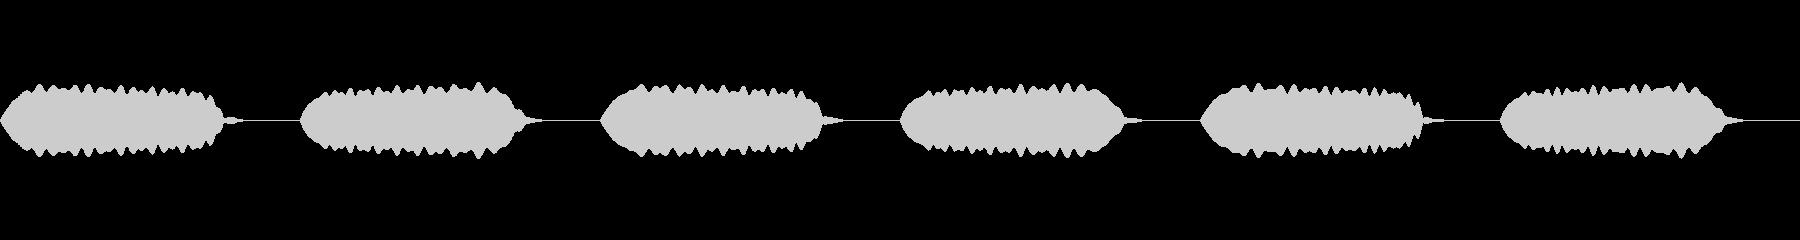 昼寝/鼻風船/ホワホワの未再生の波形